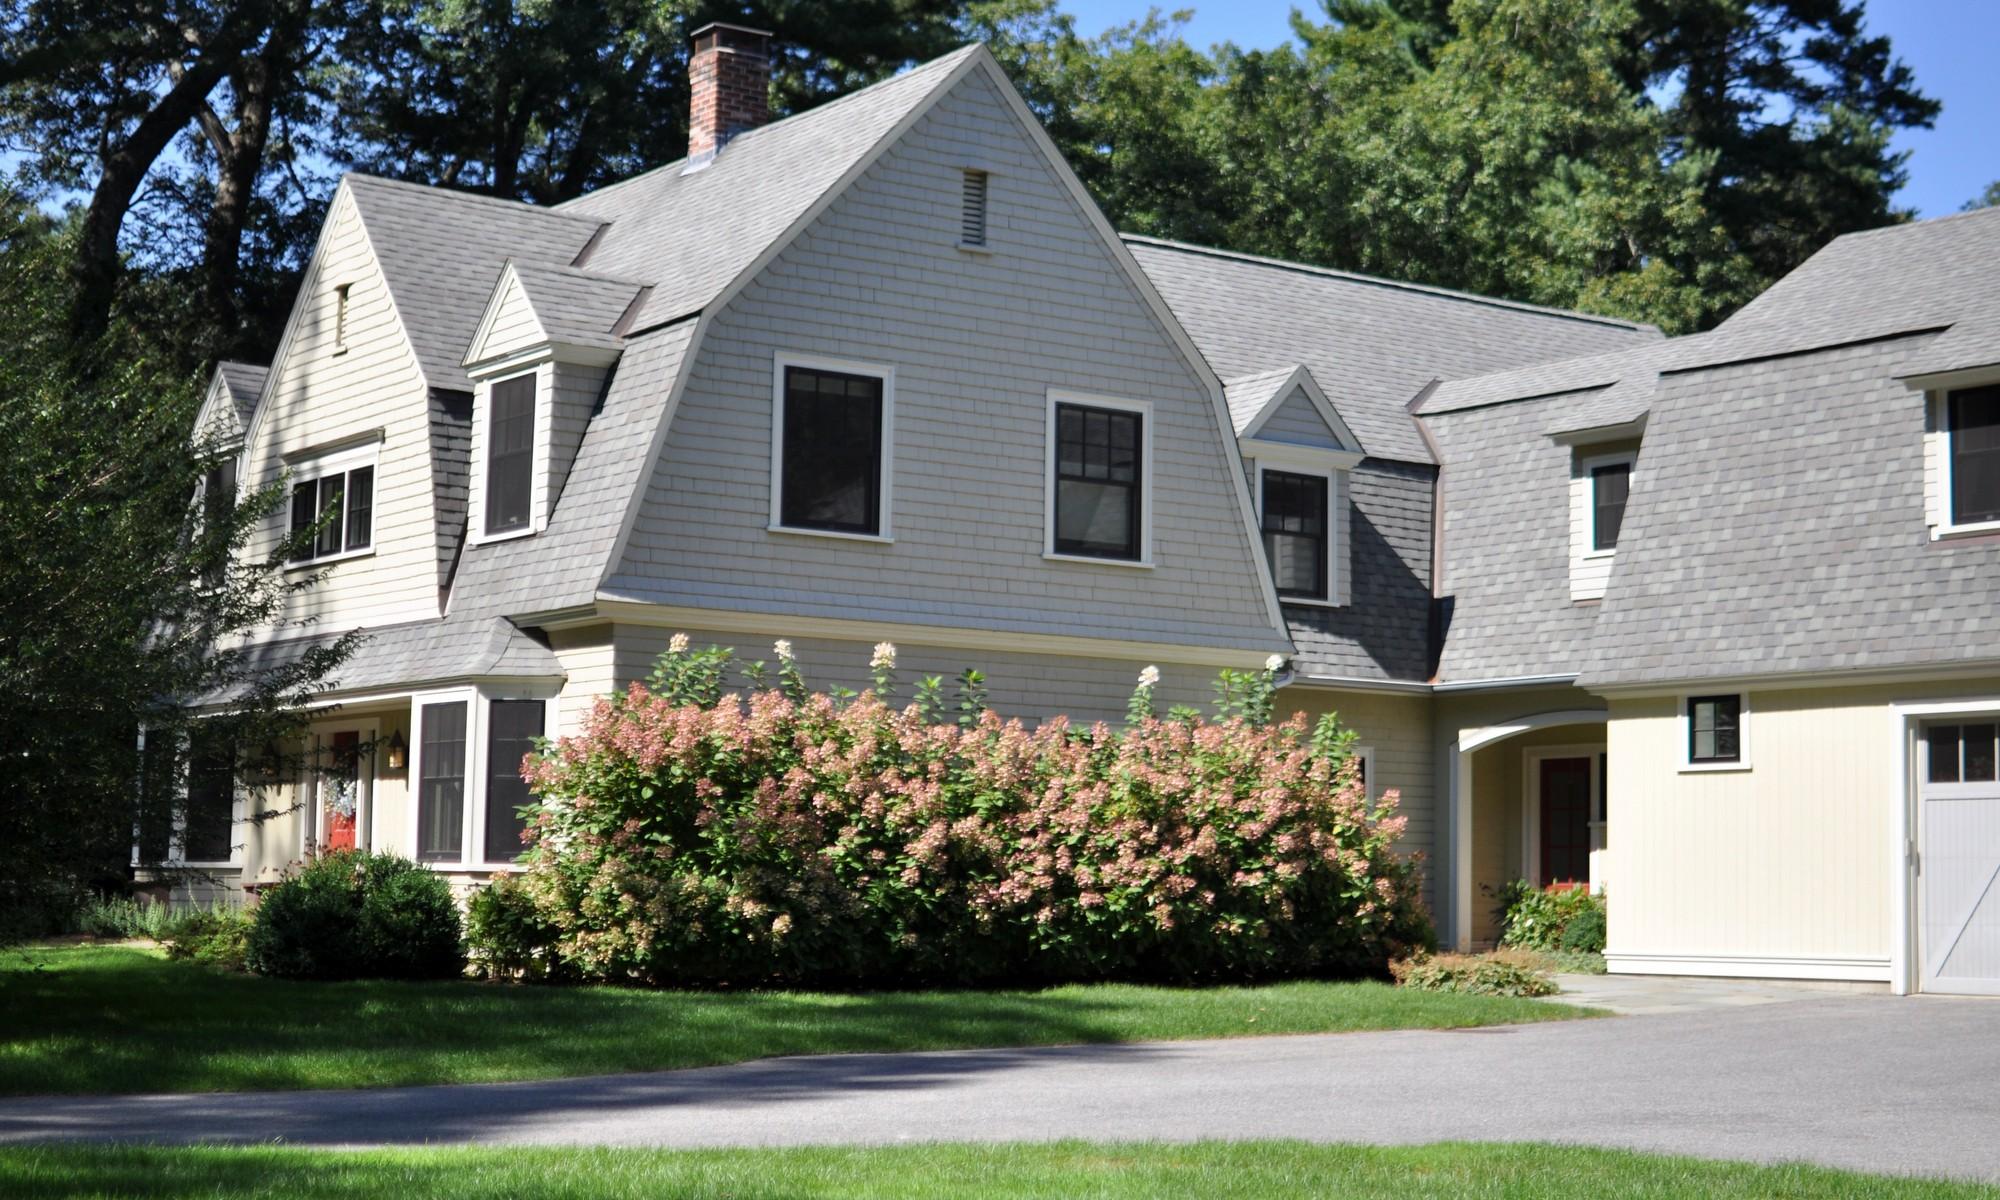 Maison unifamiliale pour l Vente à Desirable Ridge Neighborhood 276 Independence Road Concord, Massachusetts 01742 États-Unis